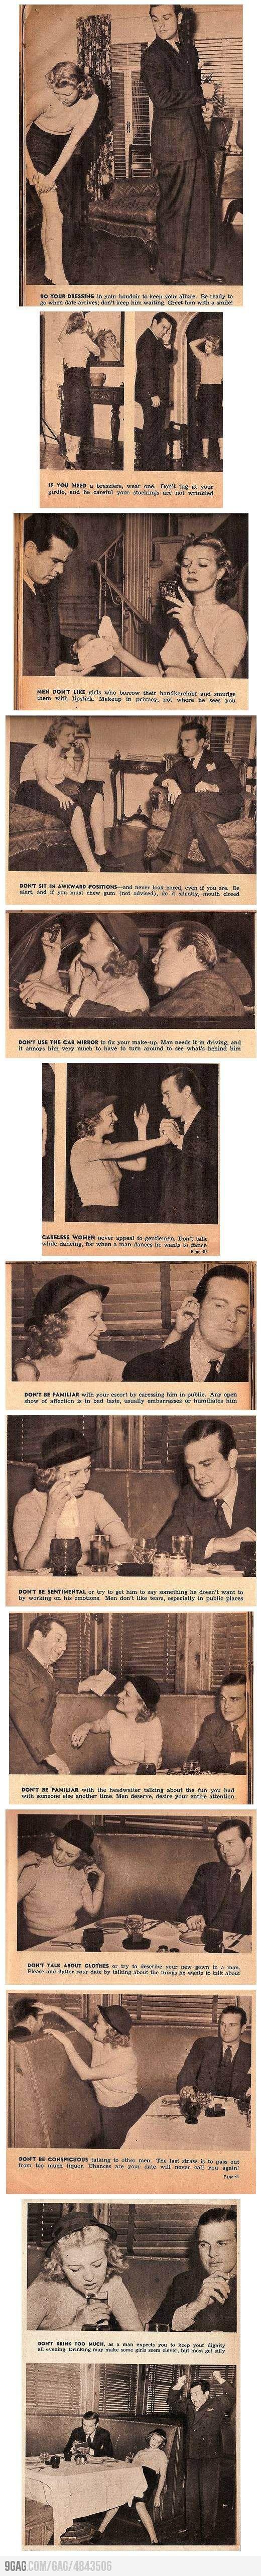 Bobbi palmer dating image 6